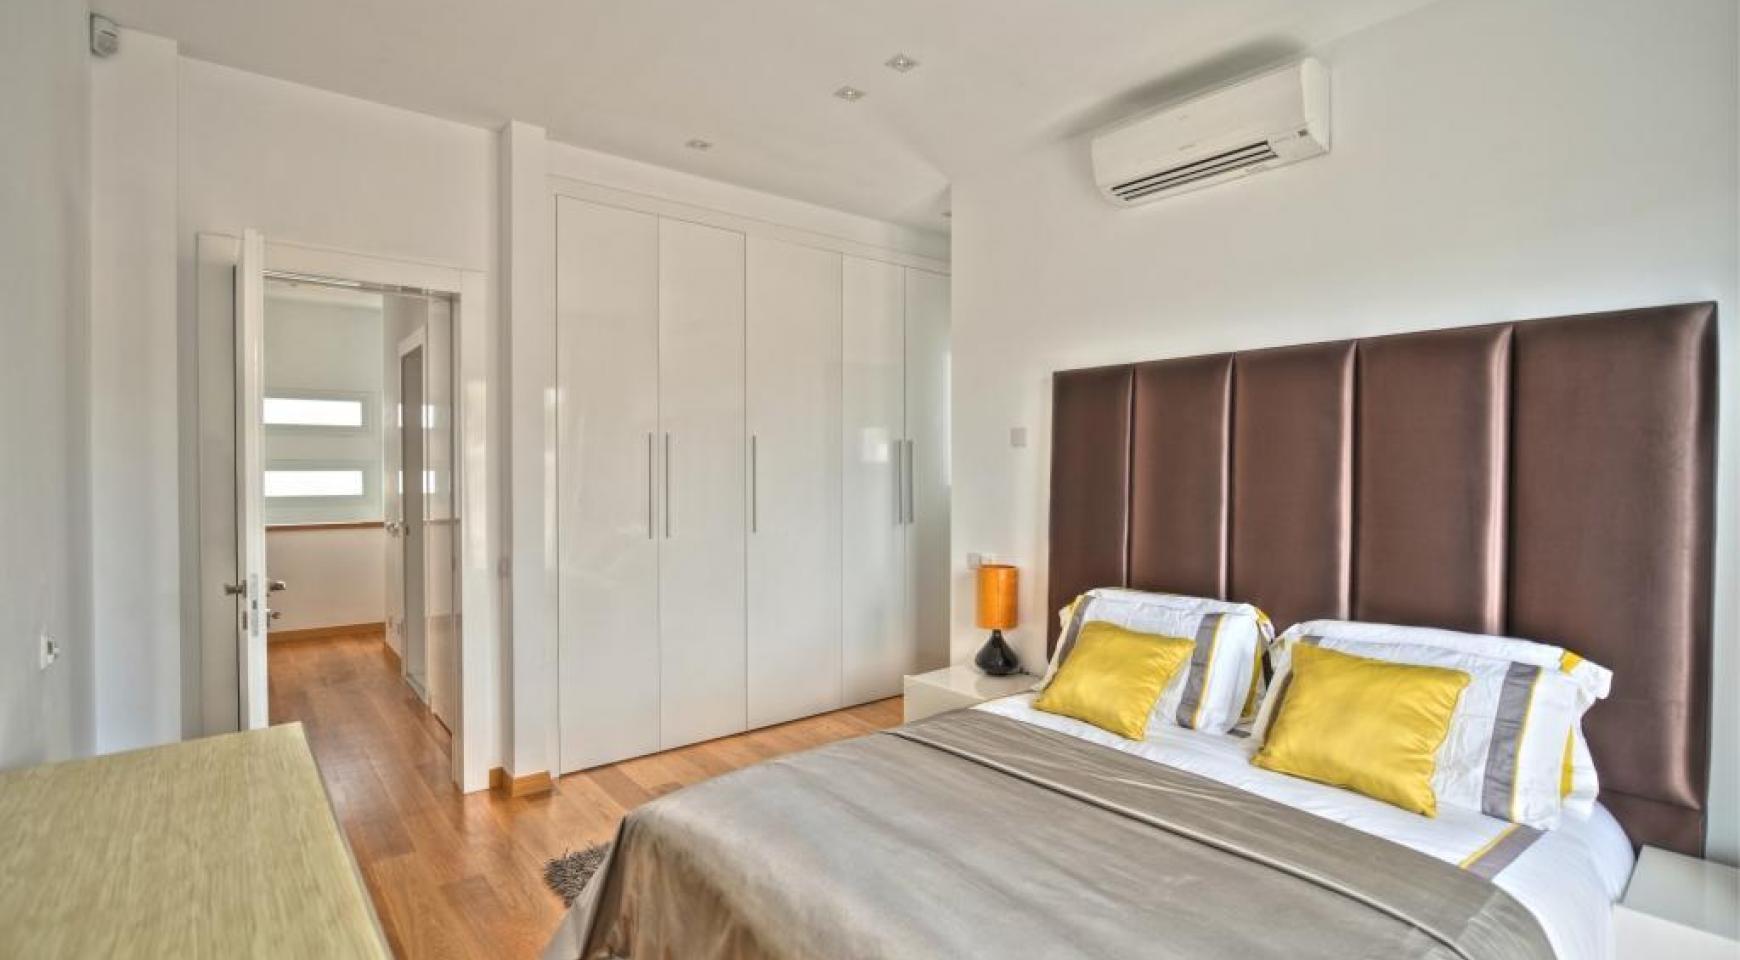 4 Bedroom Villa with Sea Views in Agios Tychonas - 11